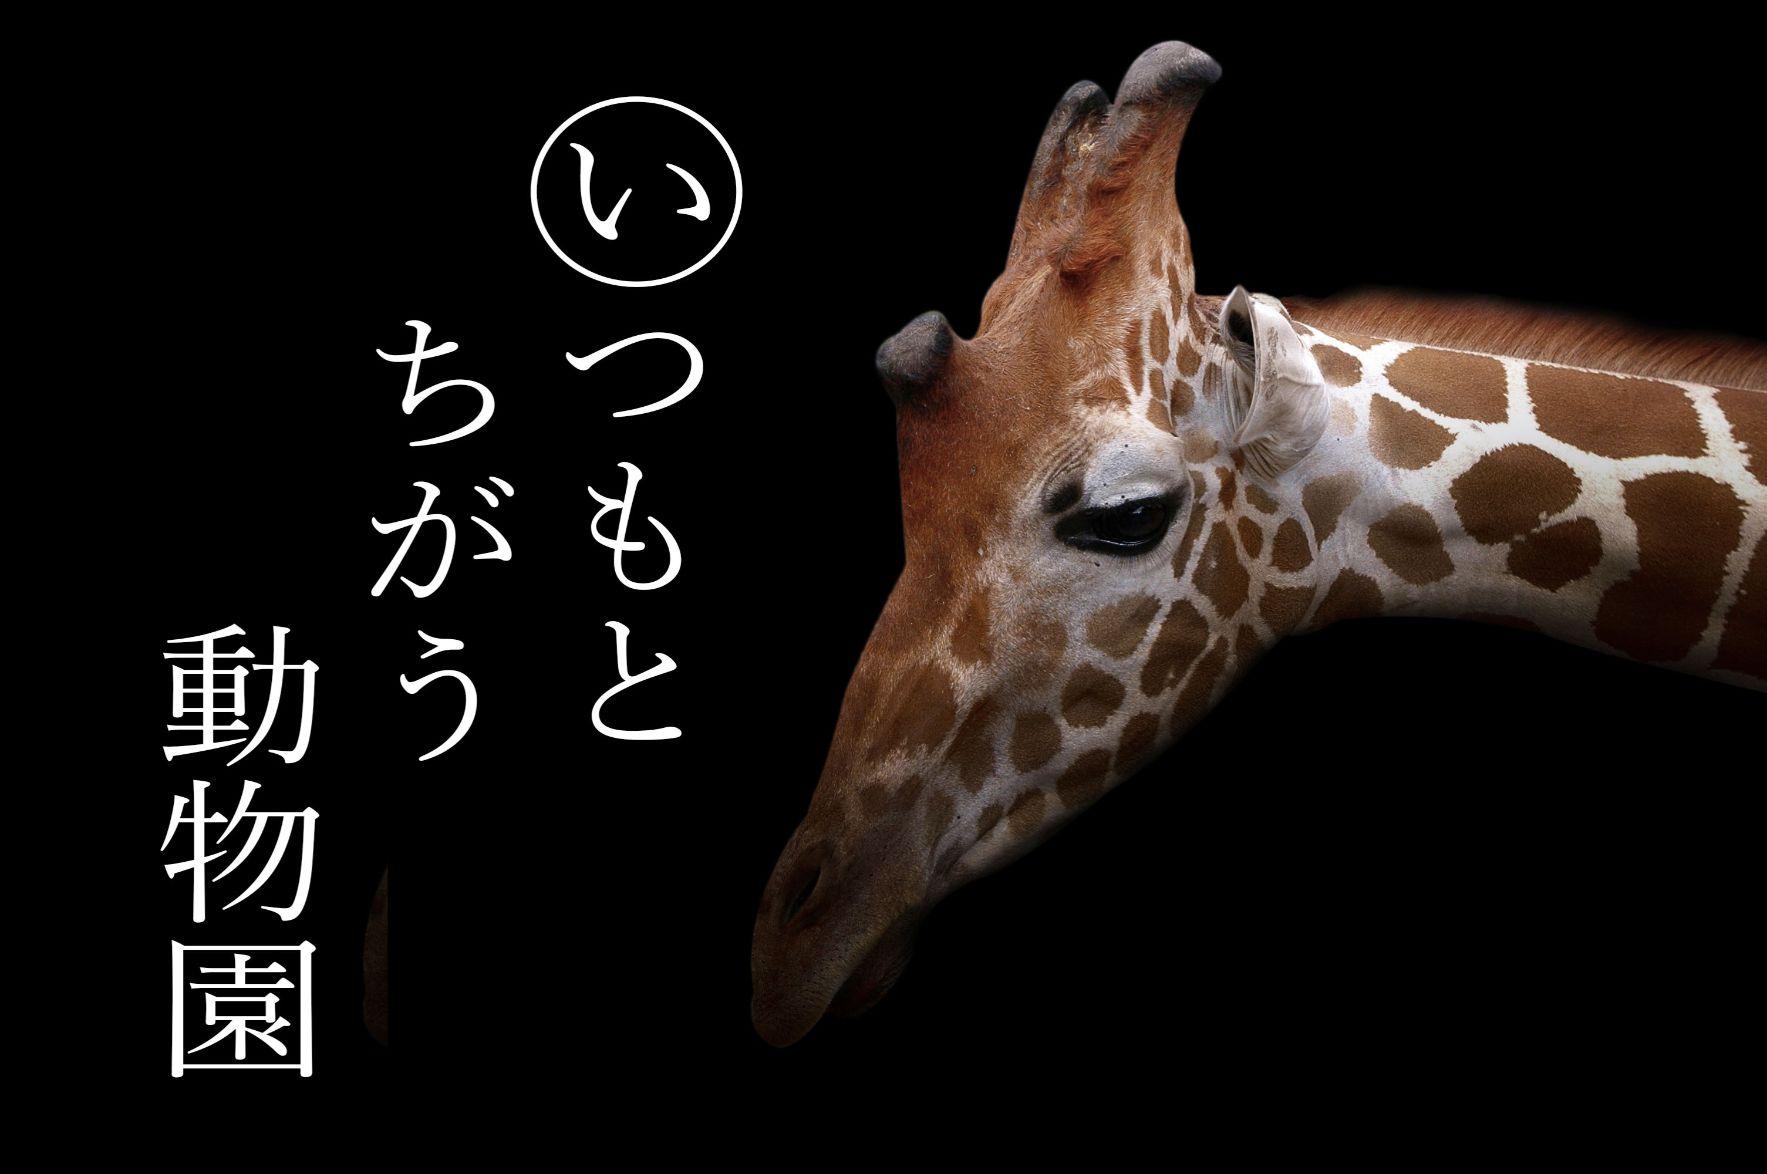 とべ 夜の動物園